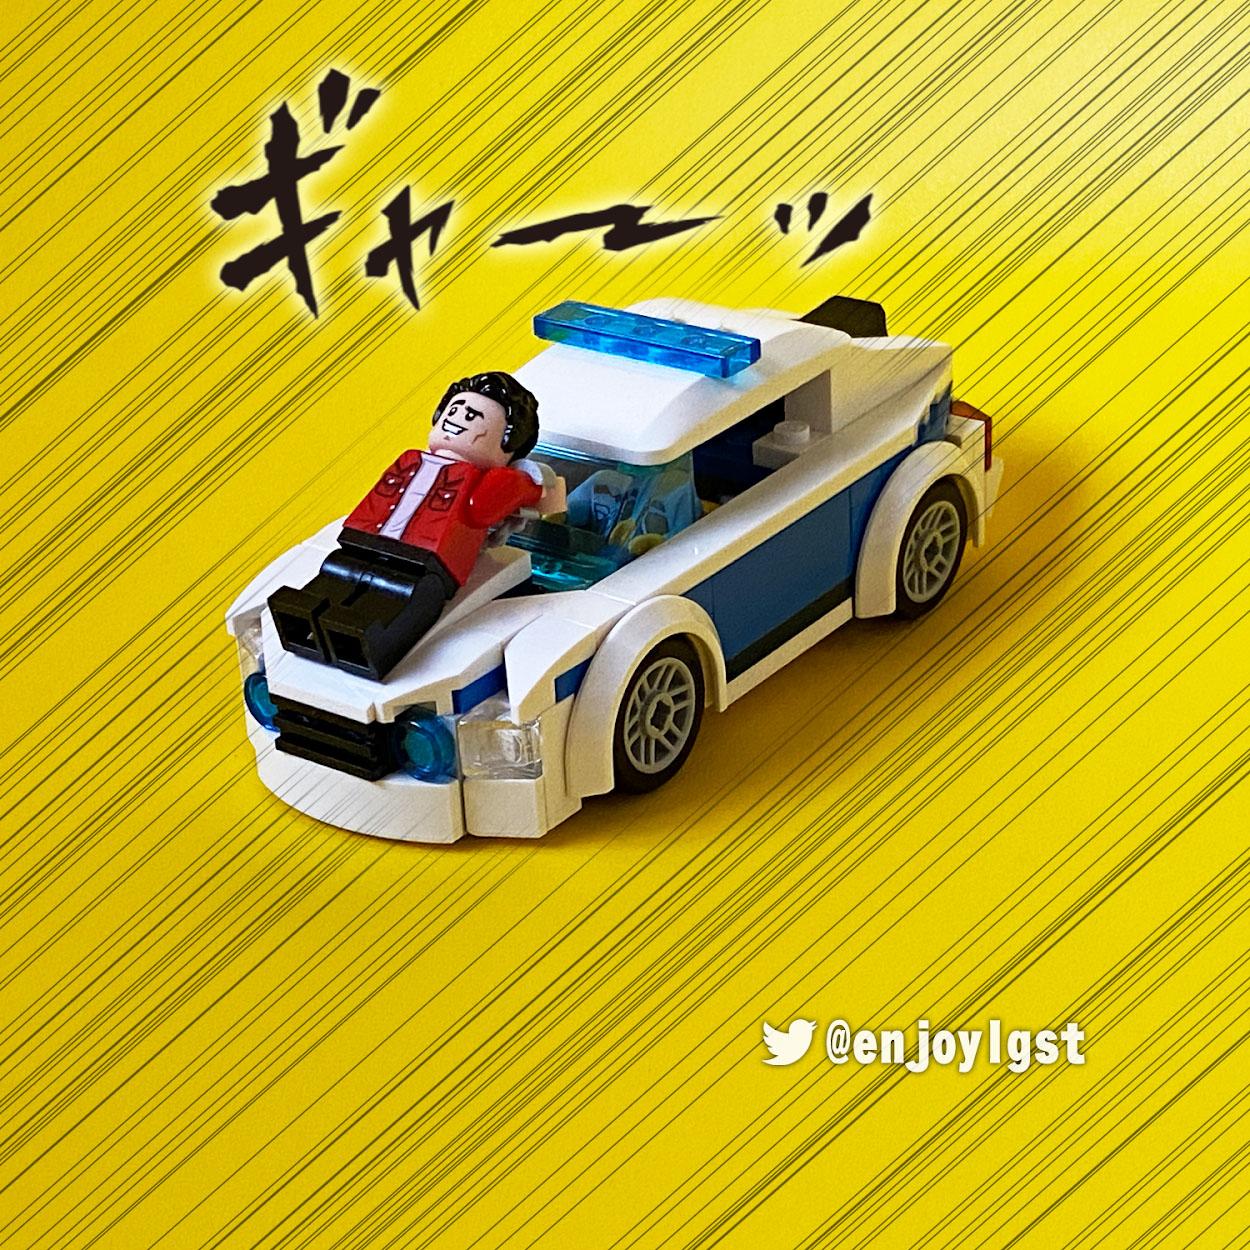 簡単!LEGOミニフィグ写真を撮る方法:面白写真撮って遊ぼう!おすすめアイテムも紹介